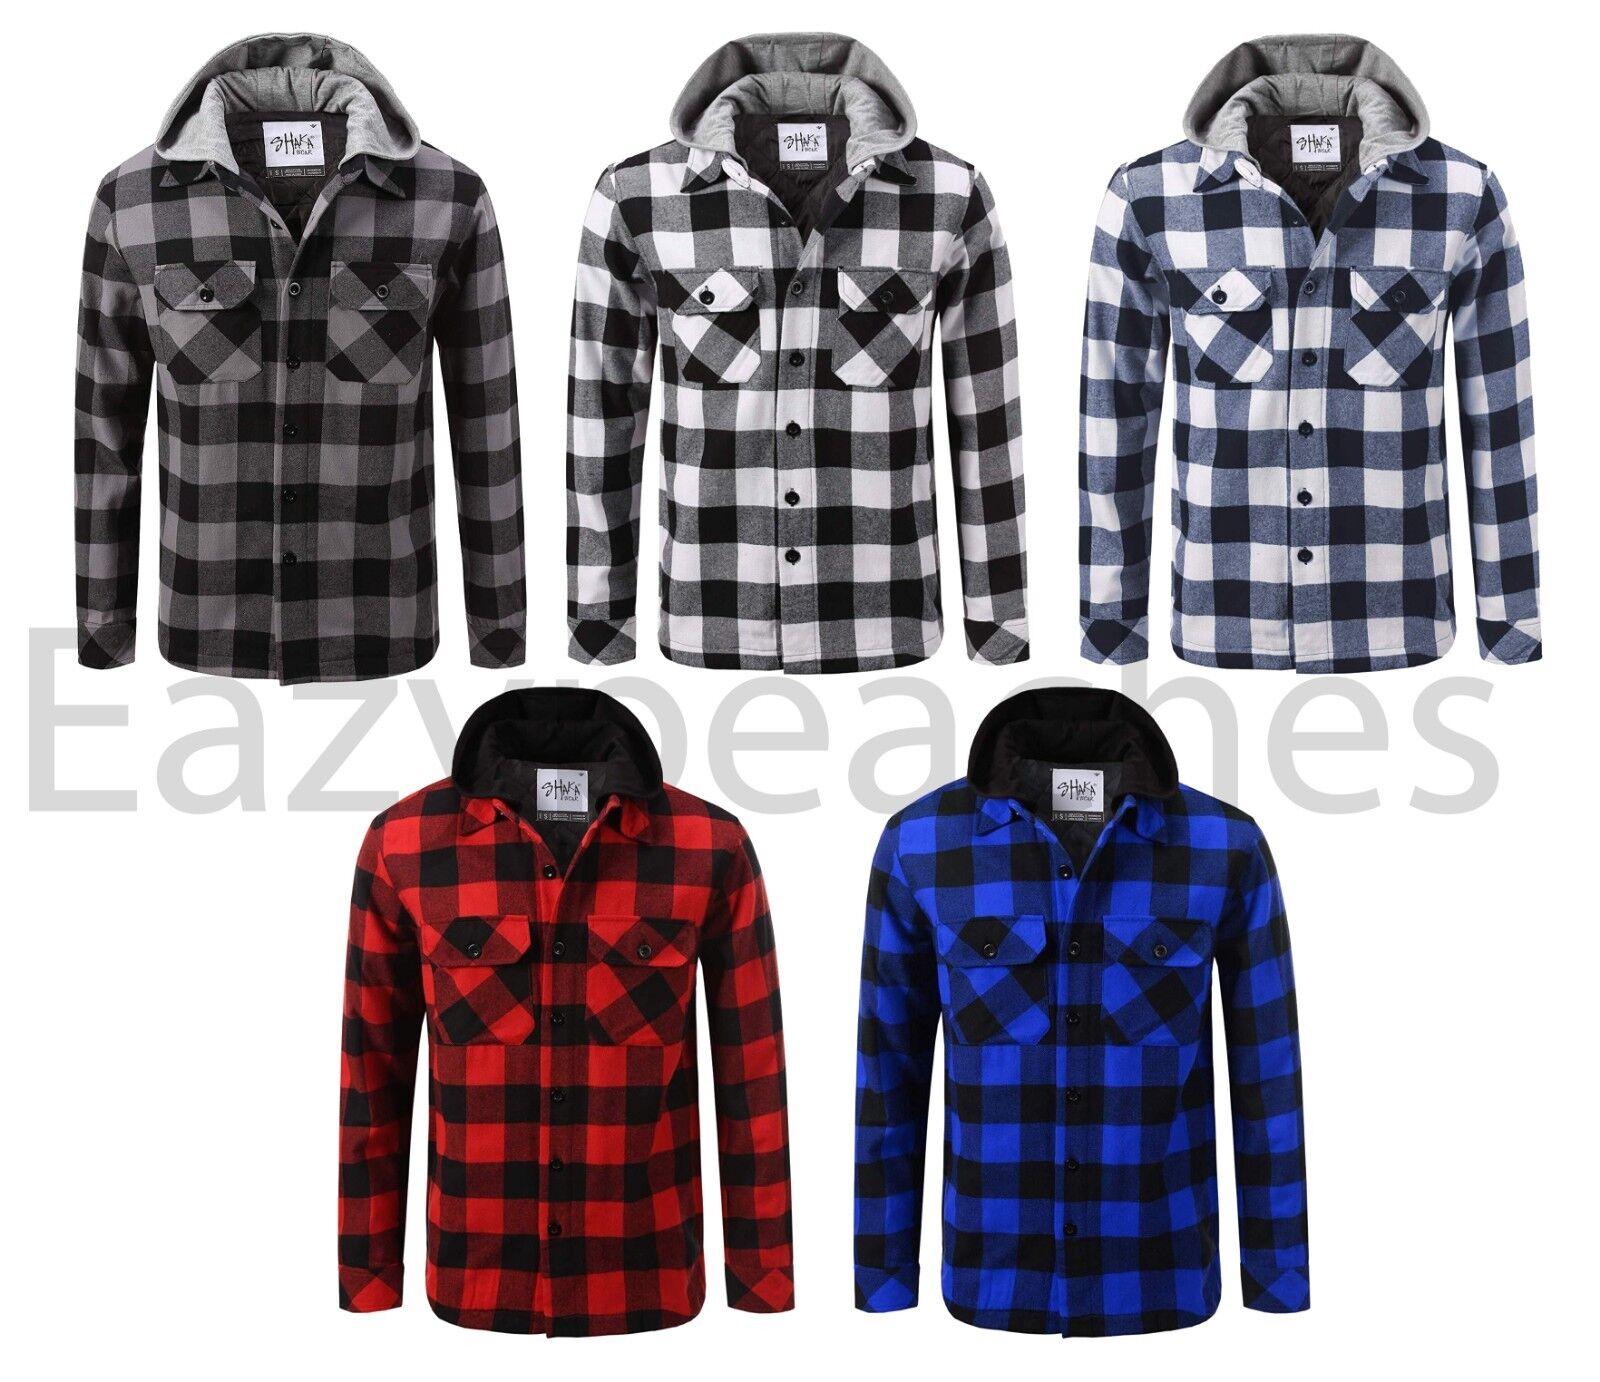 SHAKA WEAR Men's Hooded Sweatshirt, Flannel Jacket, Shirt, Lined Hoody, S 5XL